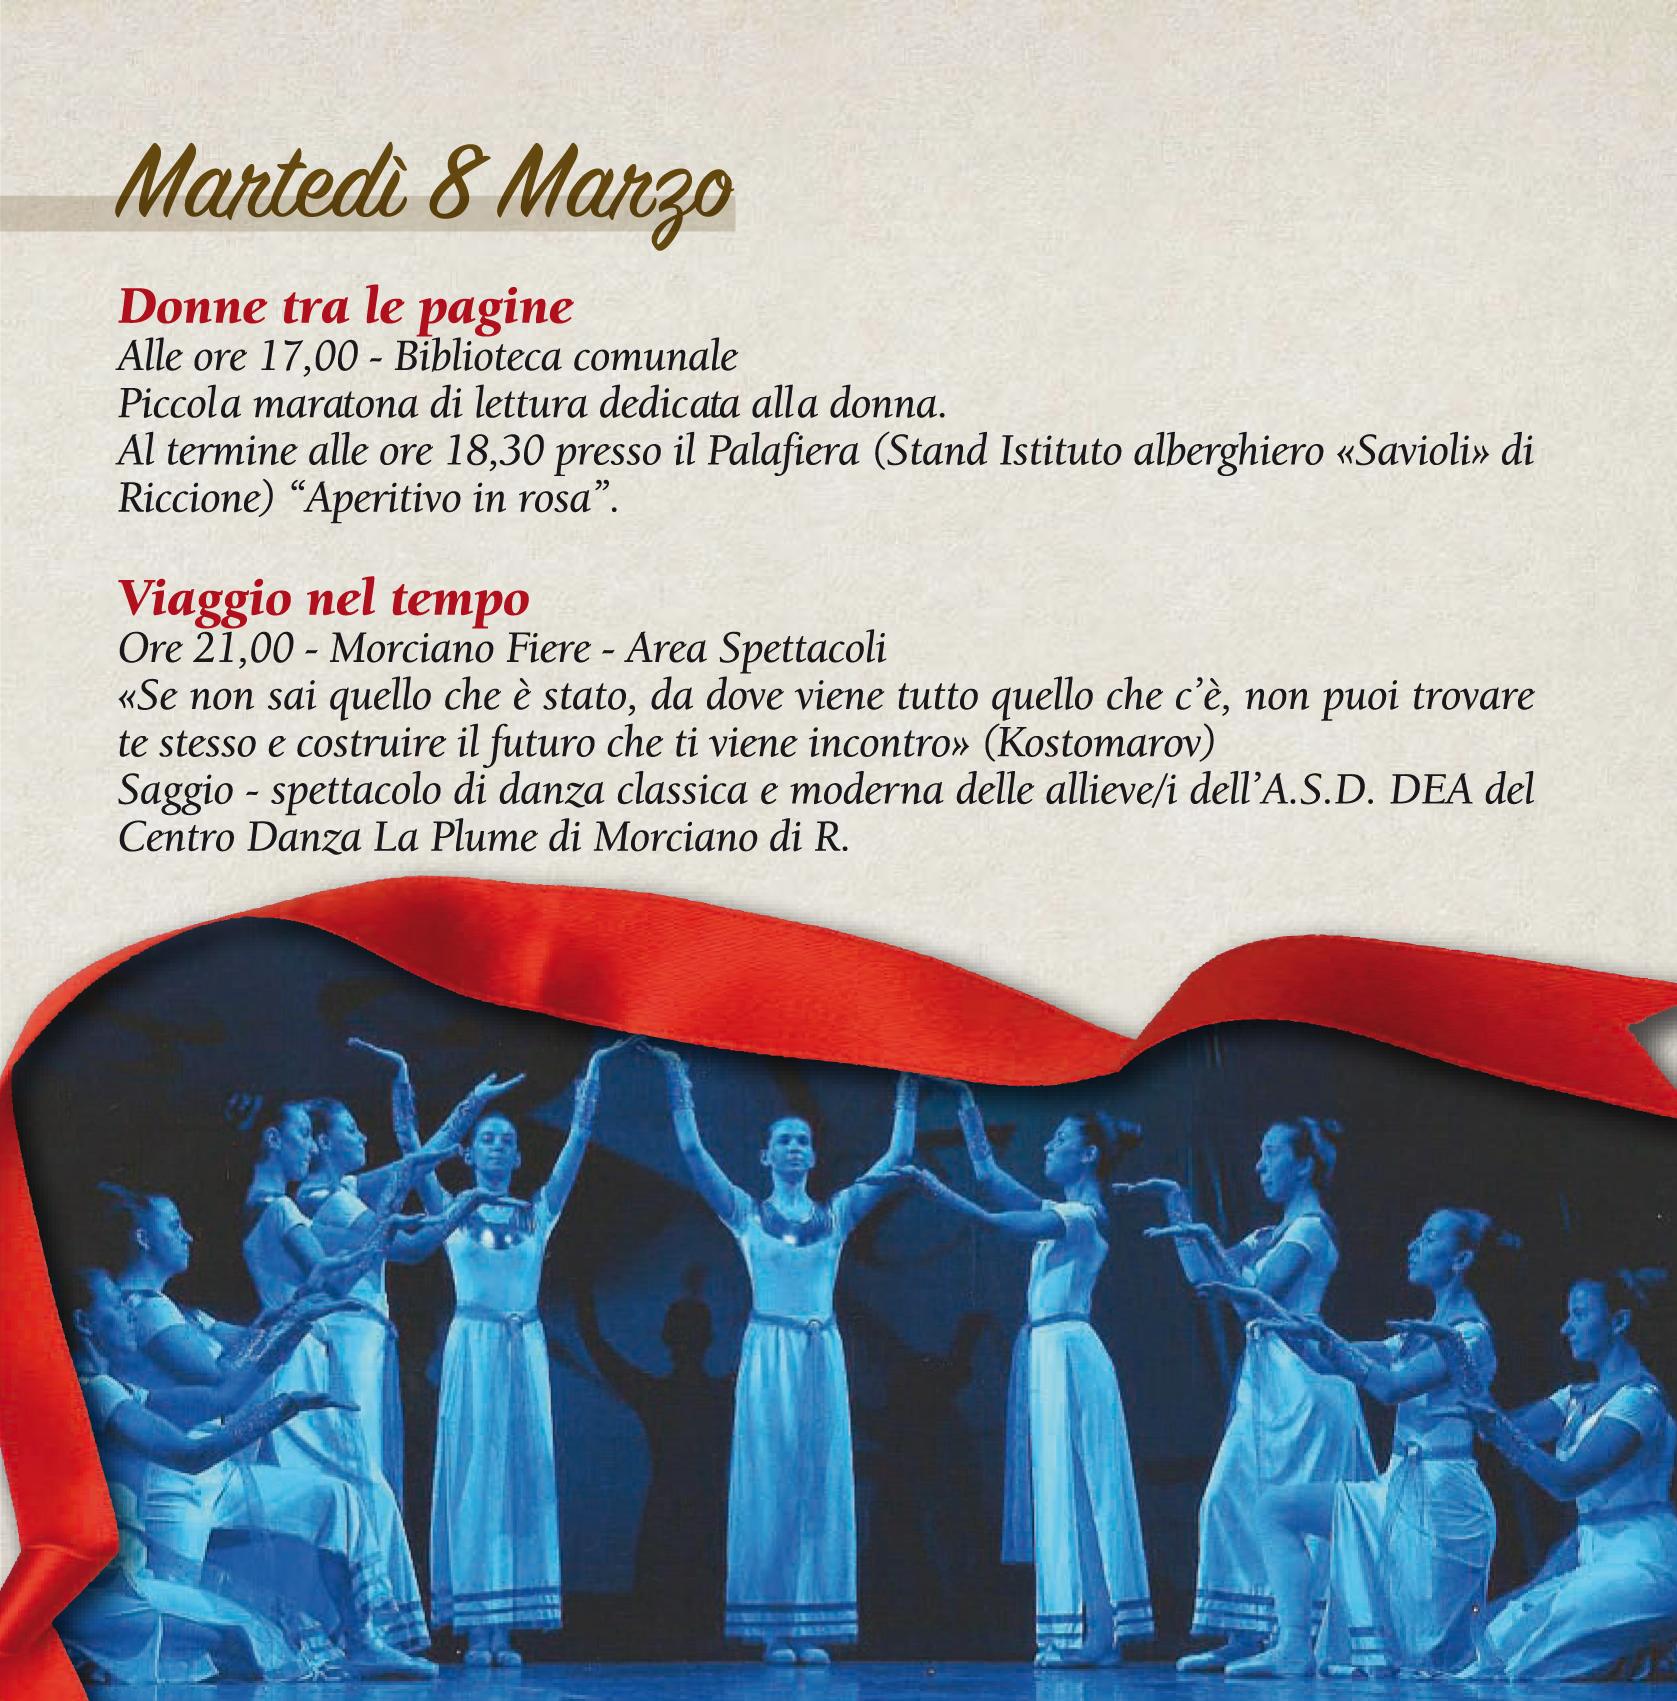 ANTICA FIERA DI SAN GREGORIO 5-13 MARZO PROGRAMMA E STORIA